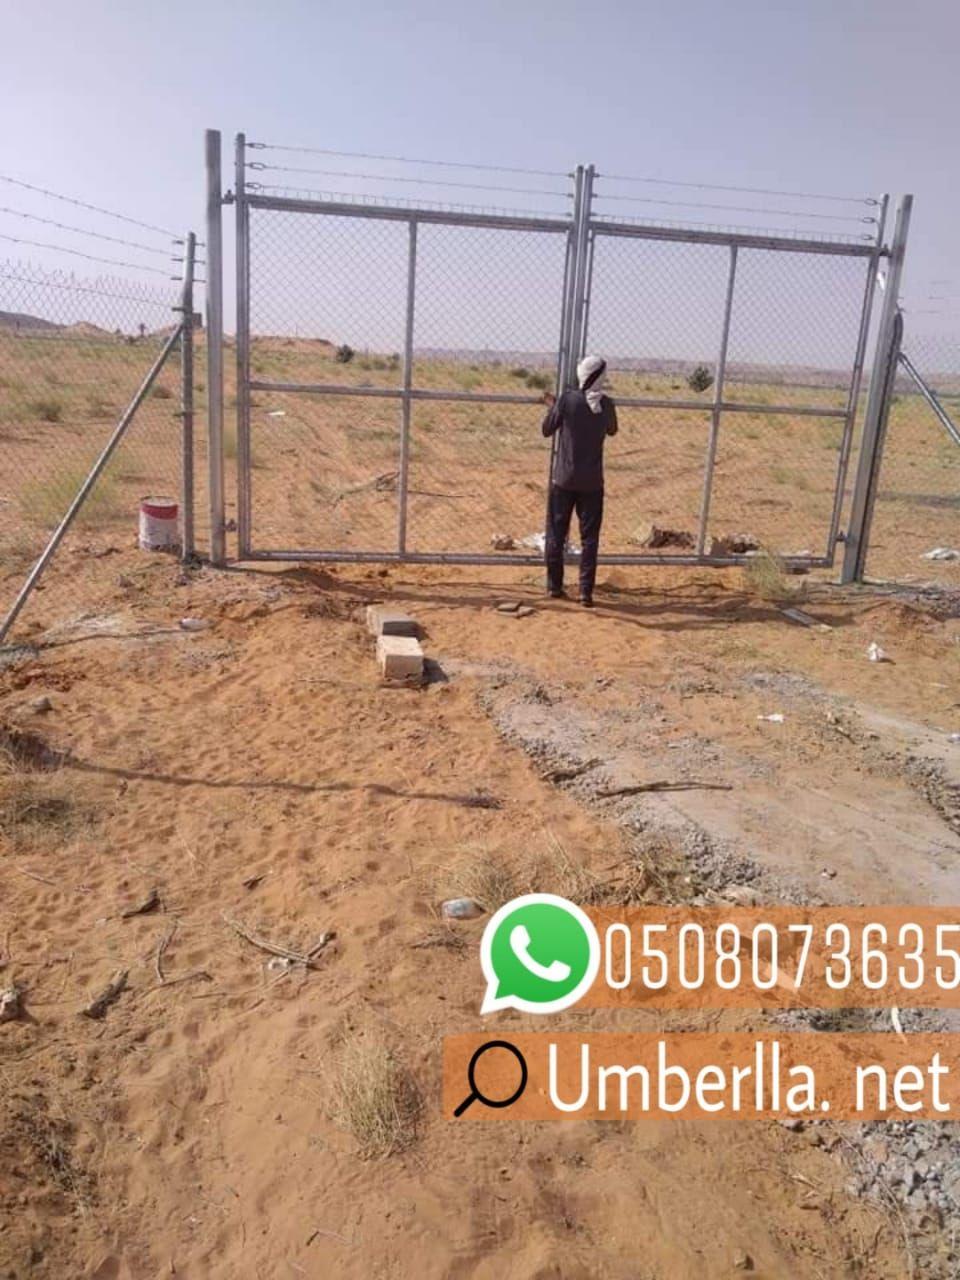 شبوك تركيب شبوك مزراع و شبوك حمايه 0508073635 تركيب جميع أنواع شبوك الحديدية Ads Net